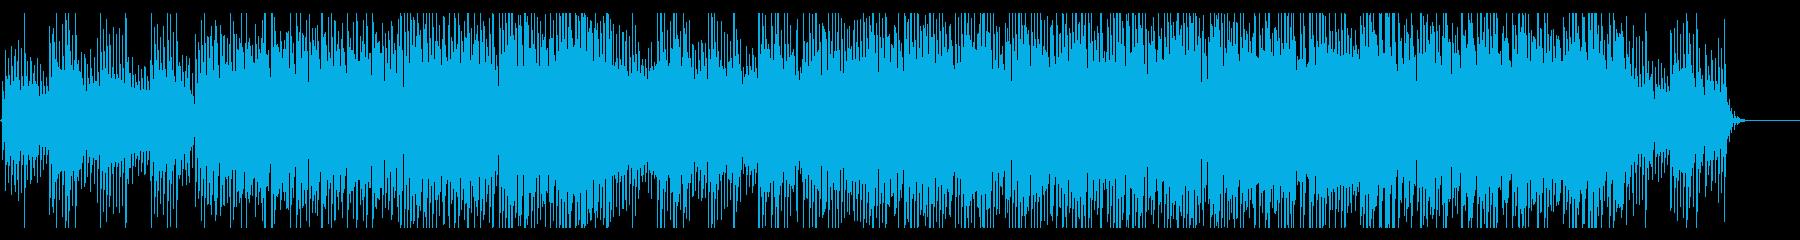 企業系映像に 温もりある優しい感動ロックの再生済みの波形